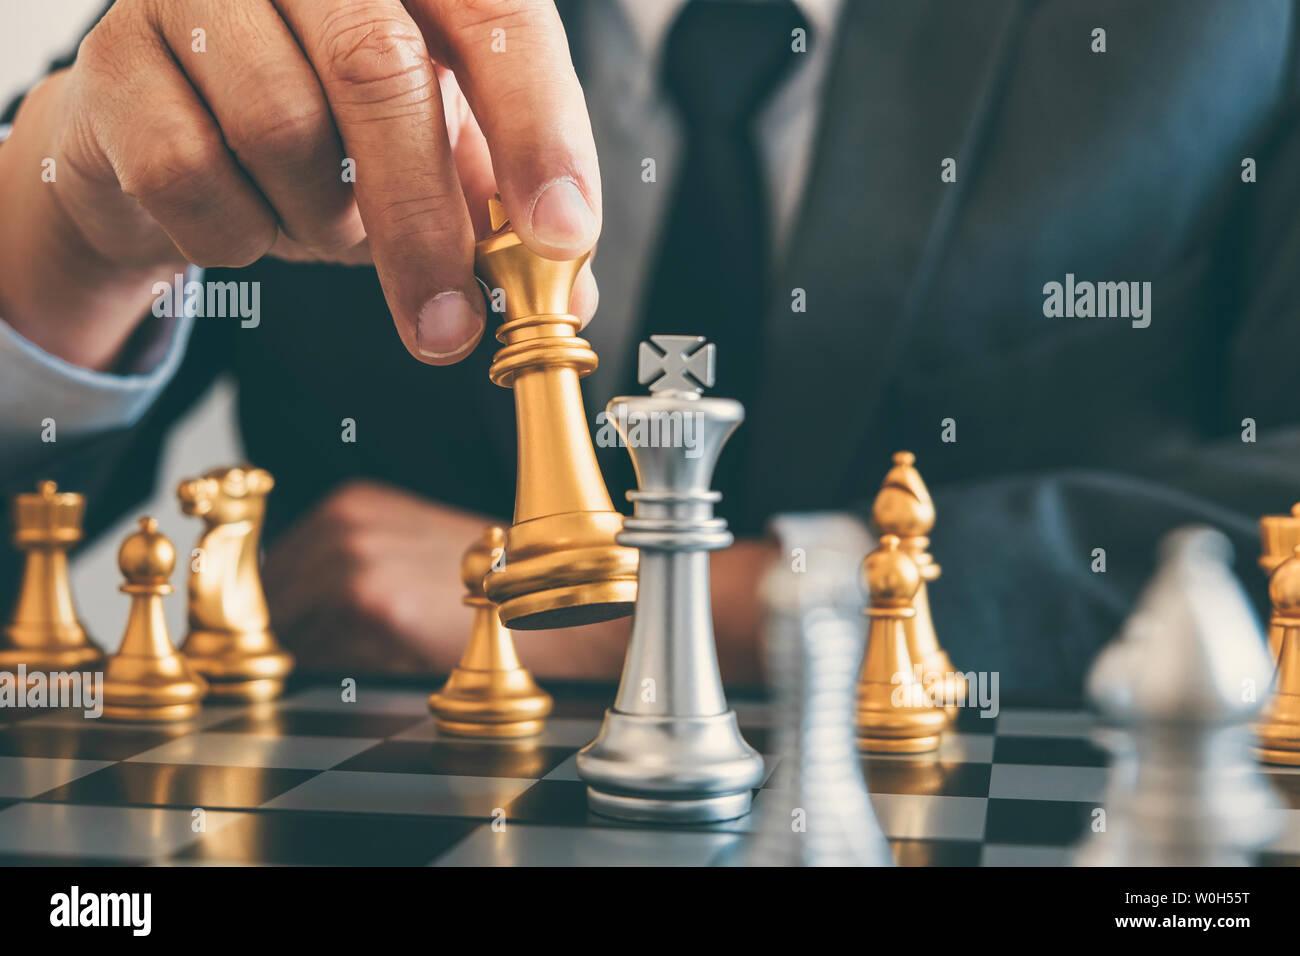 Le leadership d'affaires jouant aux échecs et de penser à propos du plan de la stratégie de renverser l'équipe opposée l'écrasement et de développement d'analyser pour la réussite de corp Banque D'Images